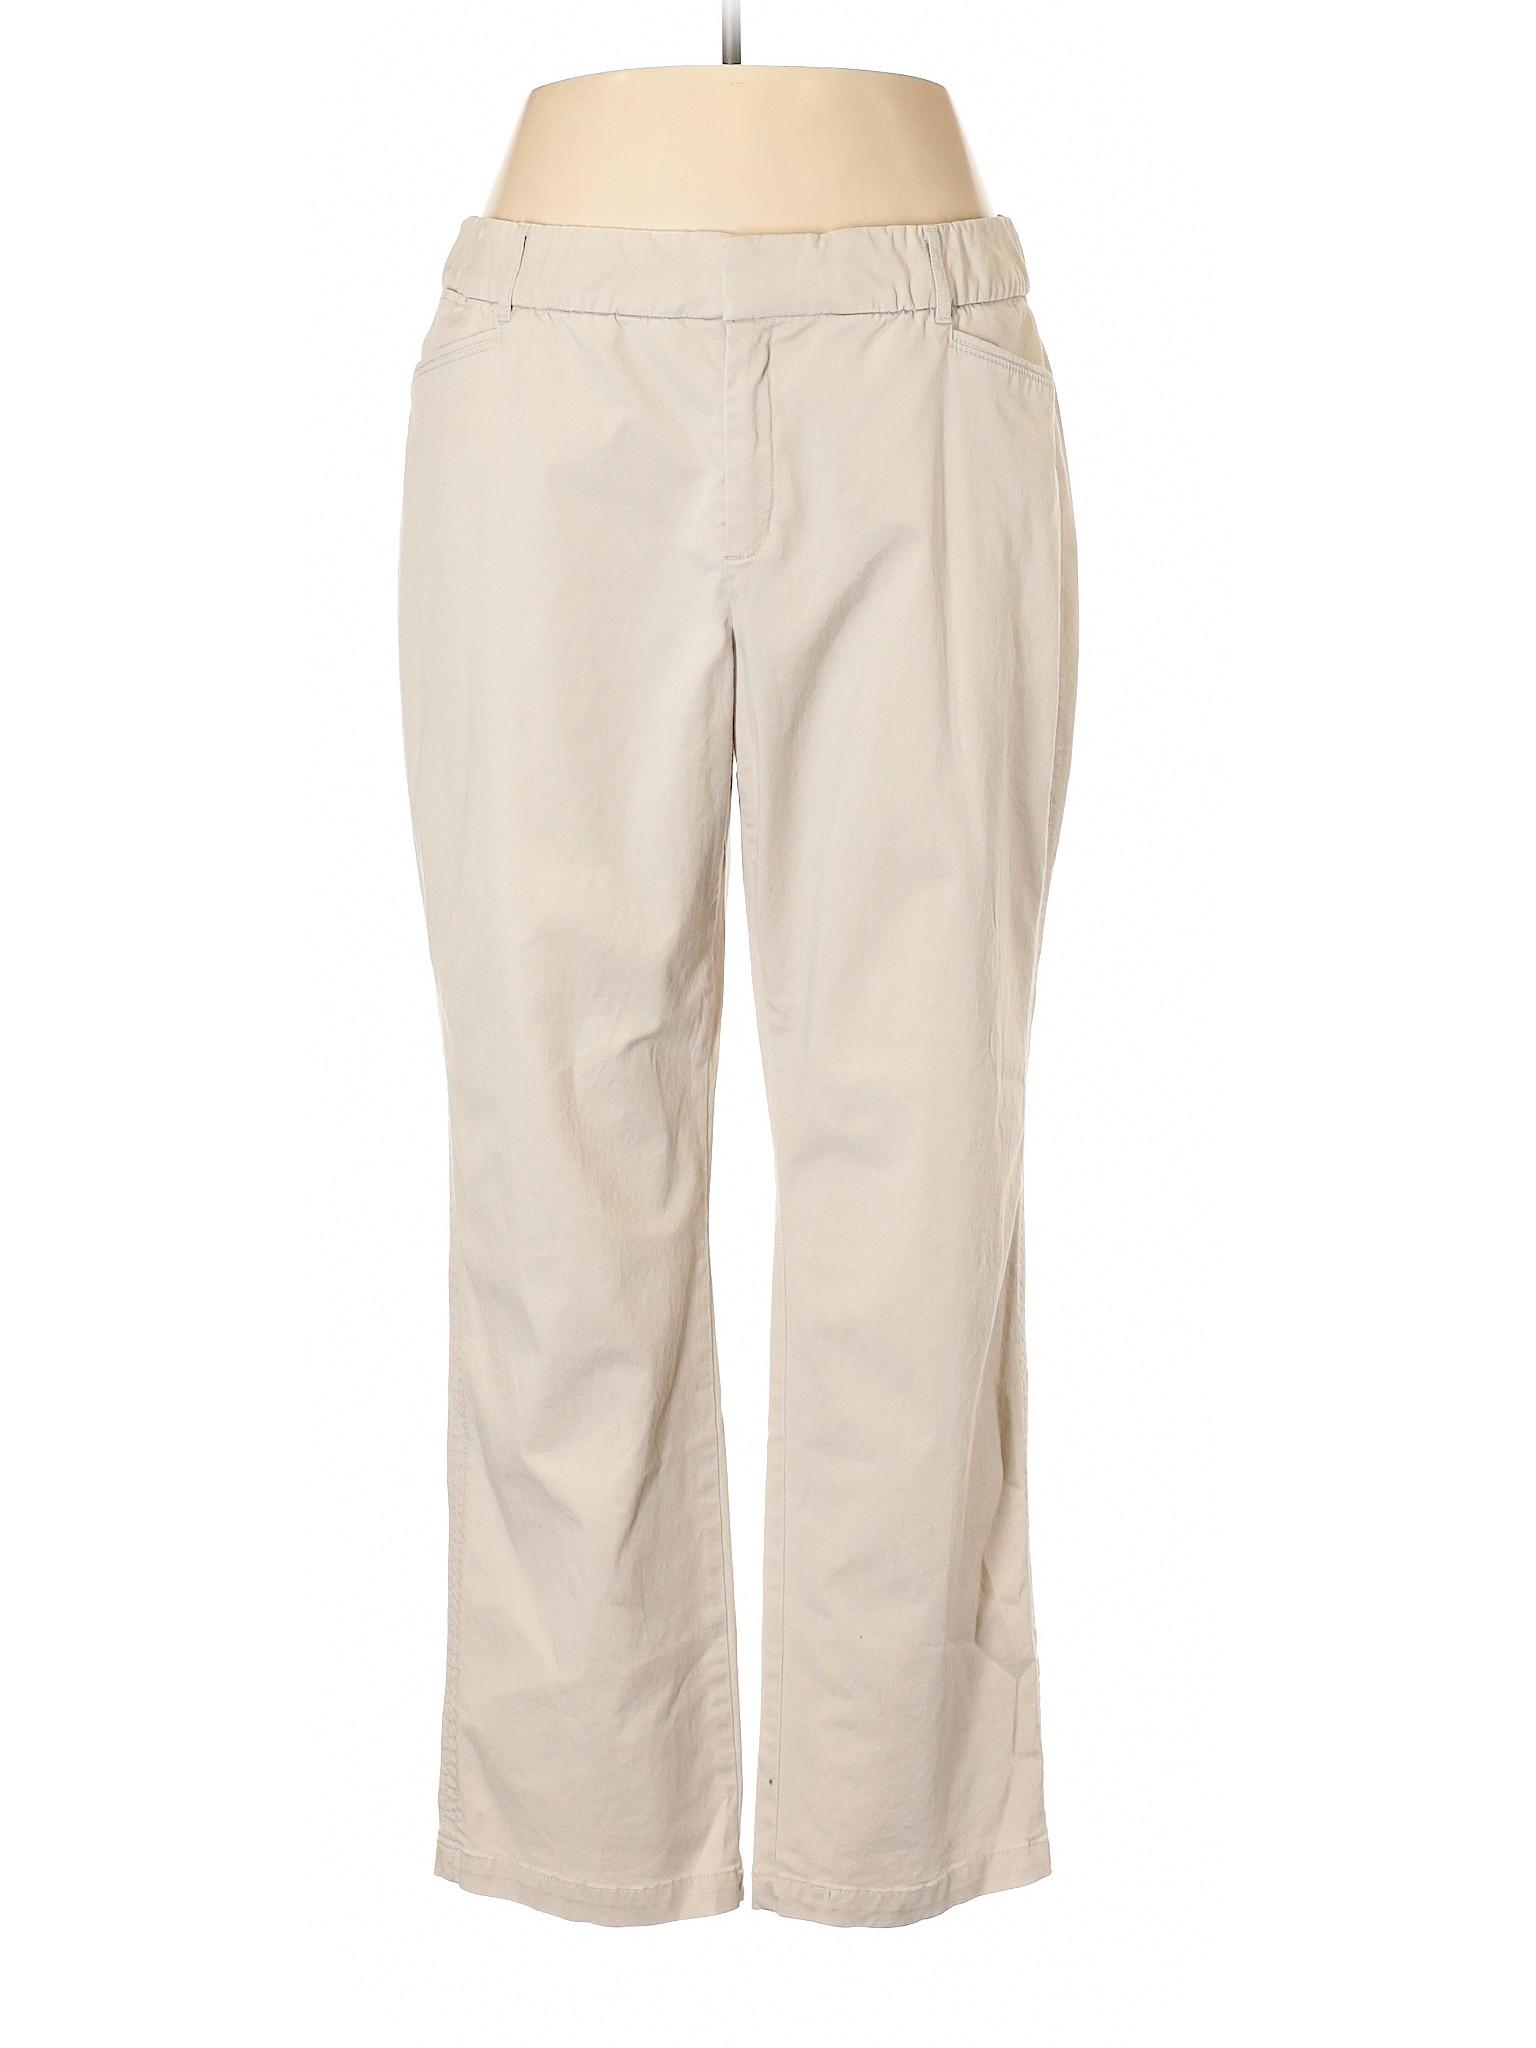 Casual winter Pants Boutique Banks Cj qYWXt